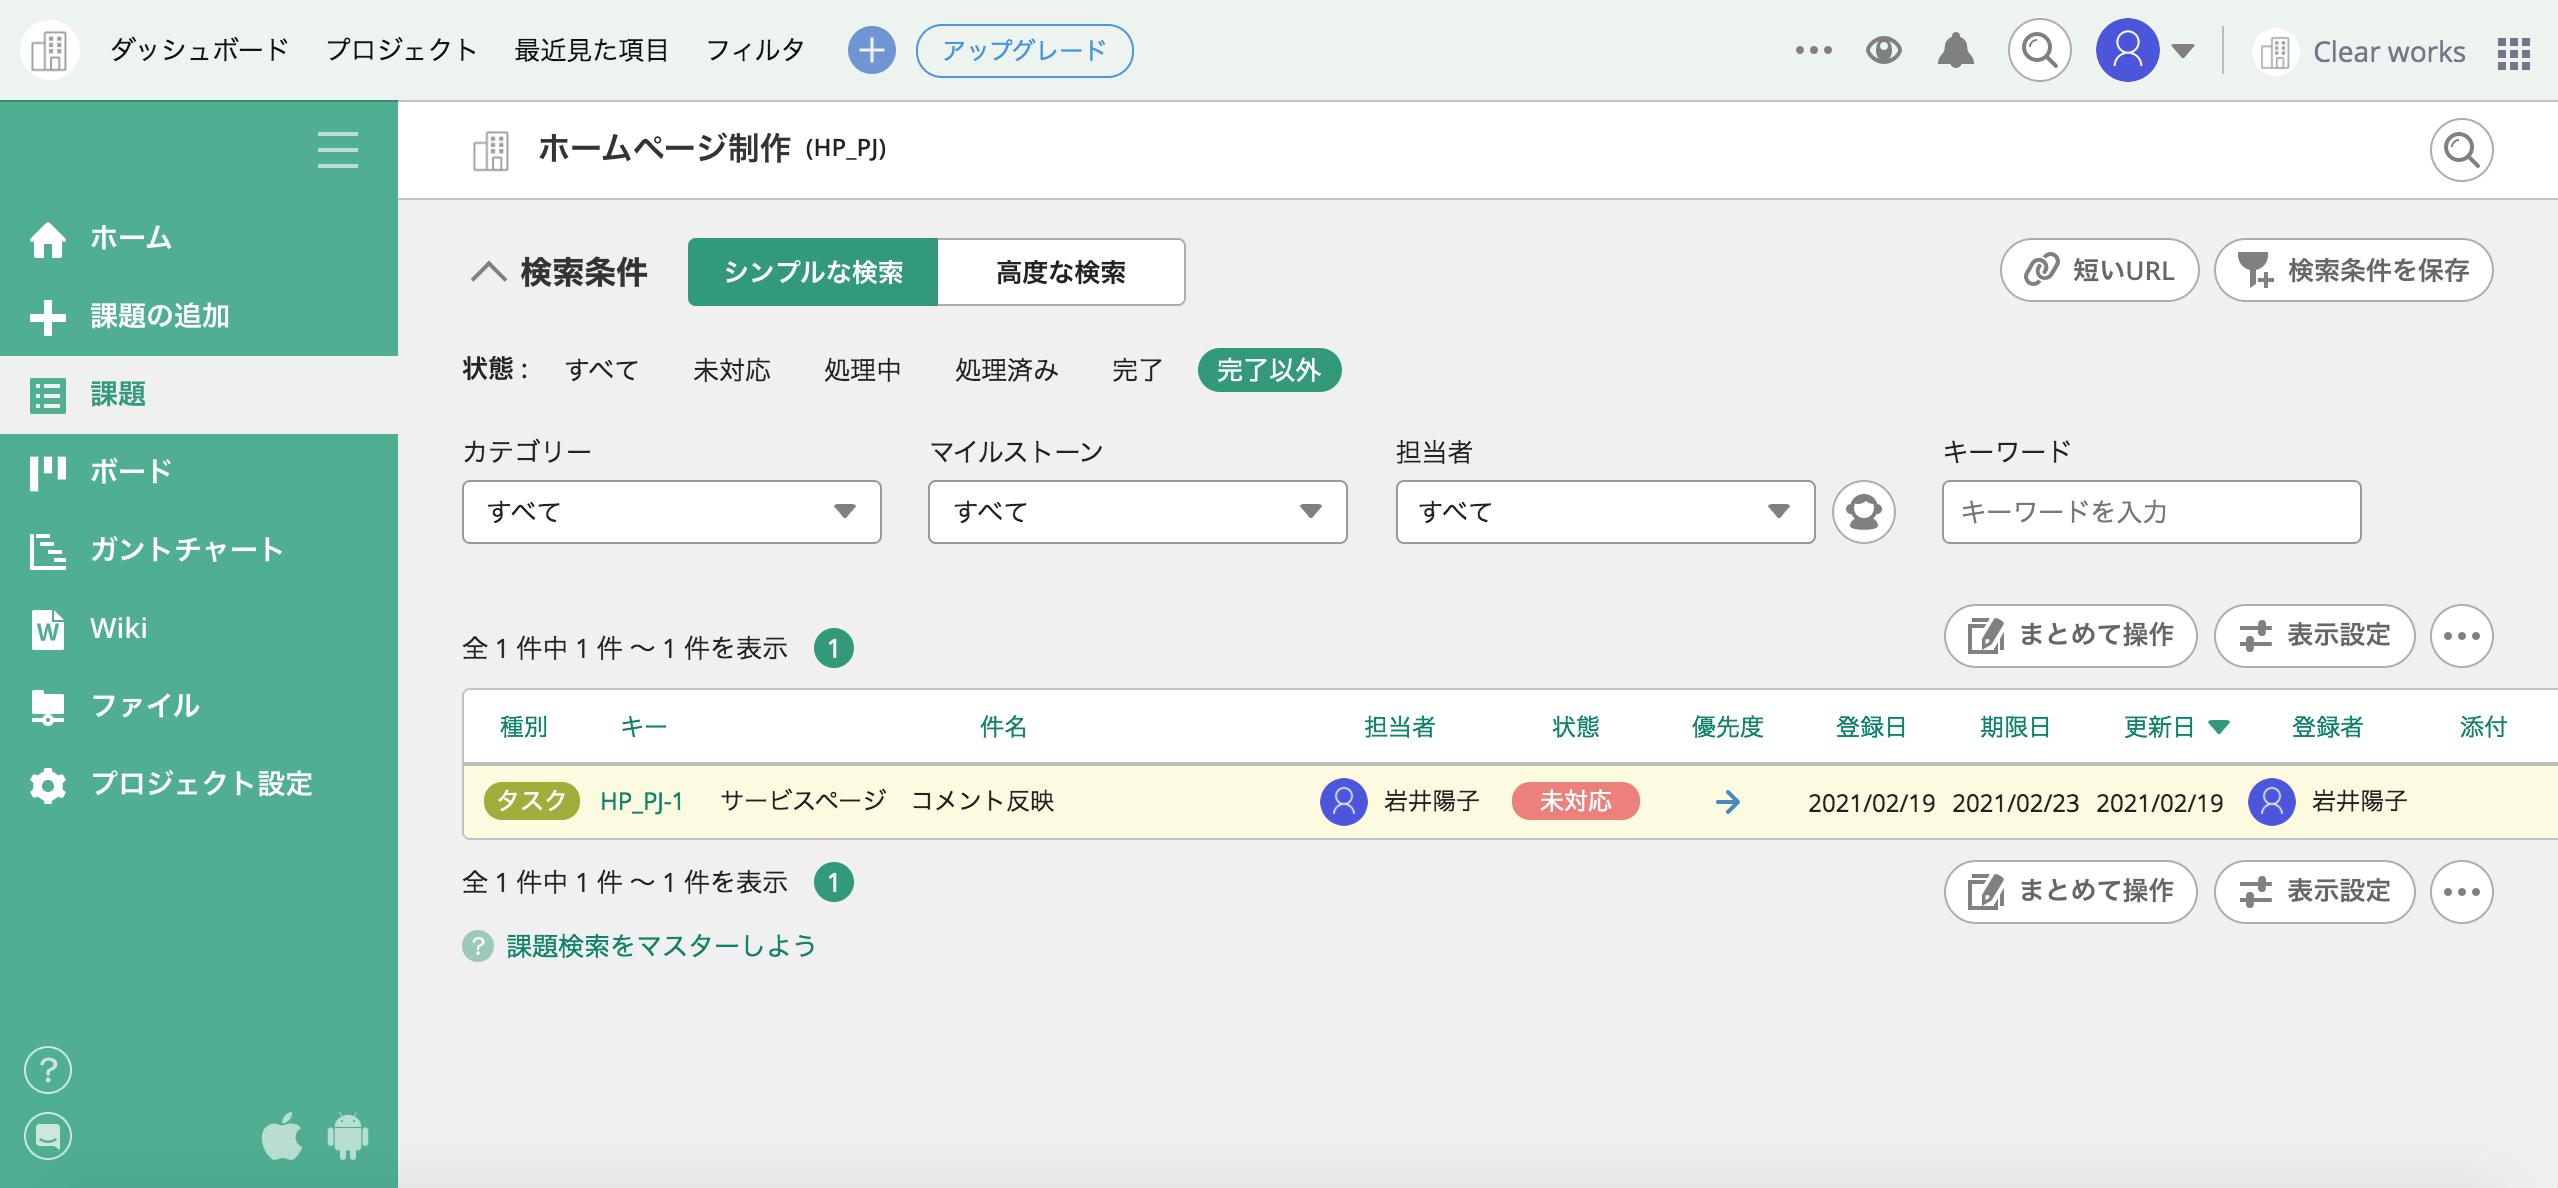 スクリーンショット-2021-02-19-10.49.43